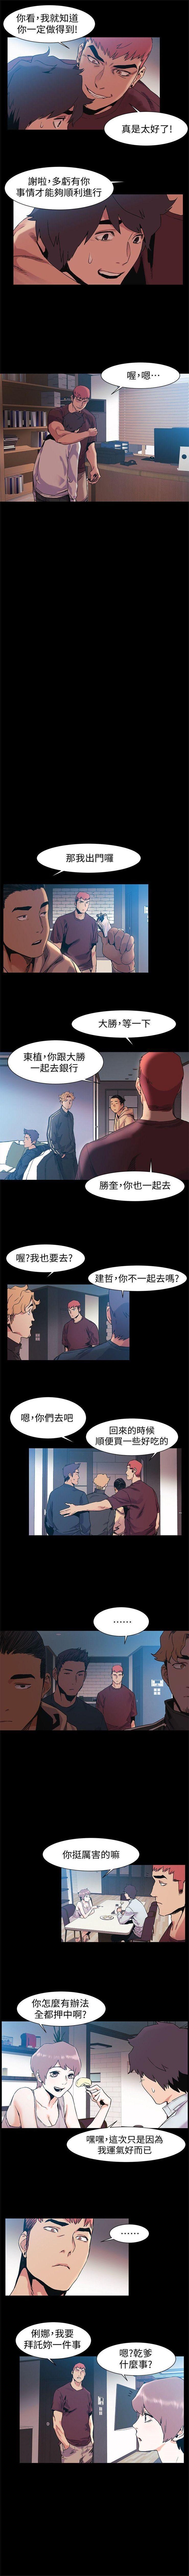 衝突 1-100官方中文(連載中) 169